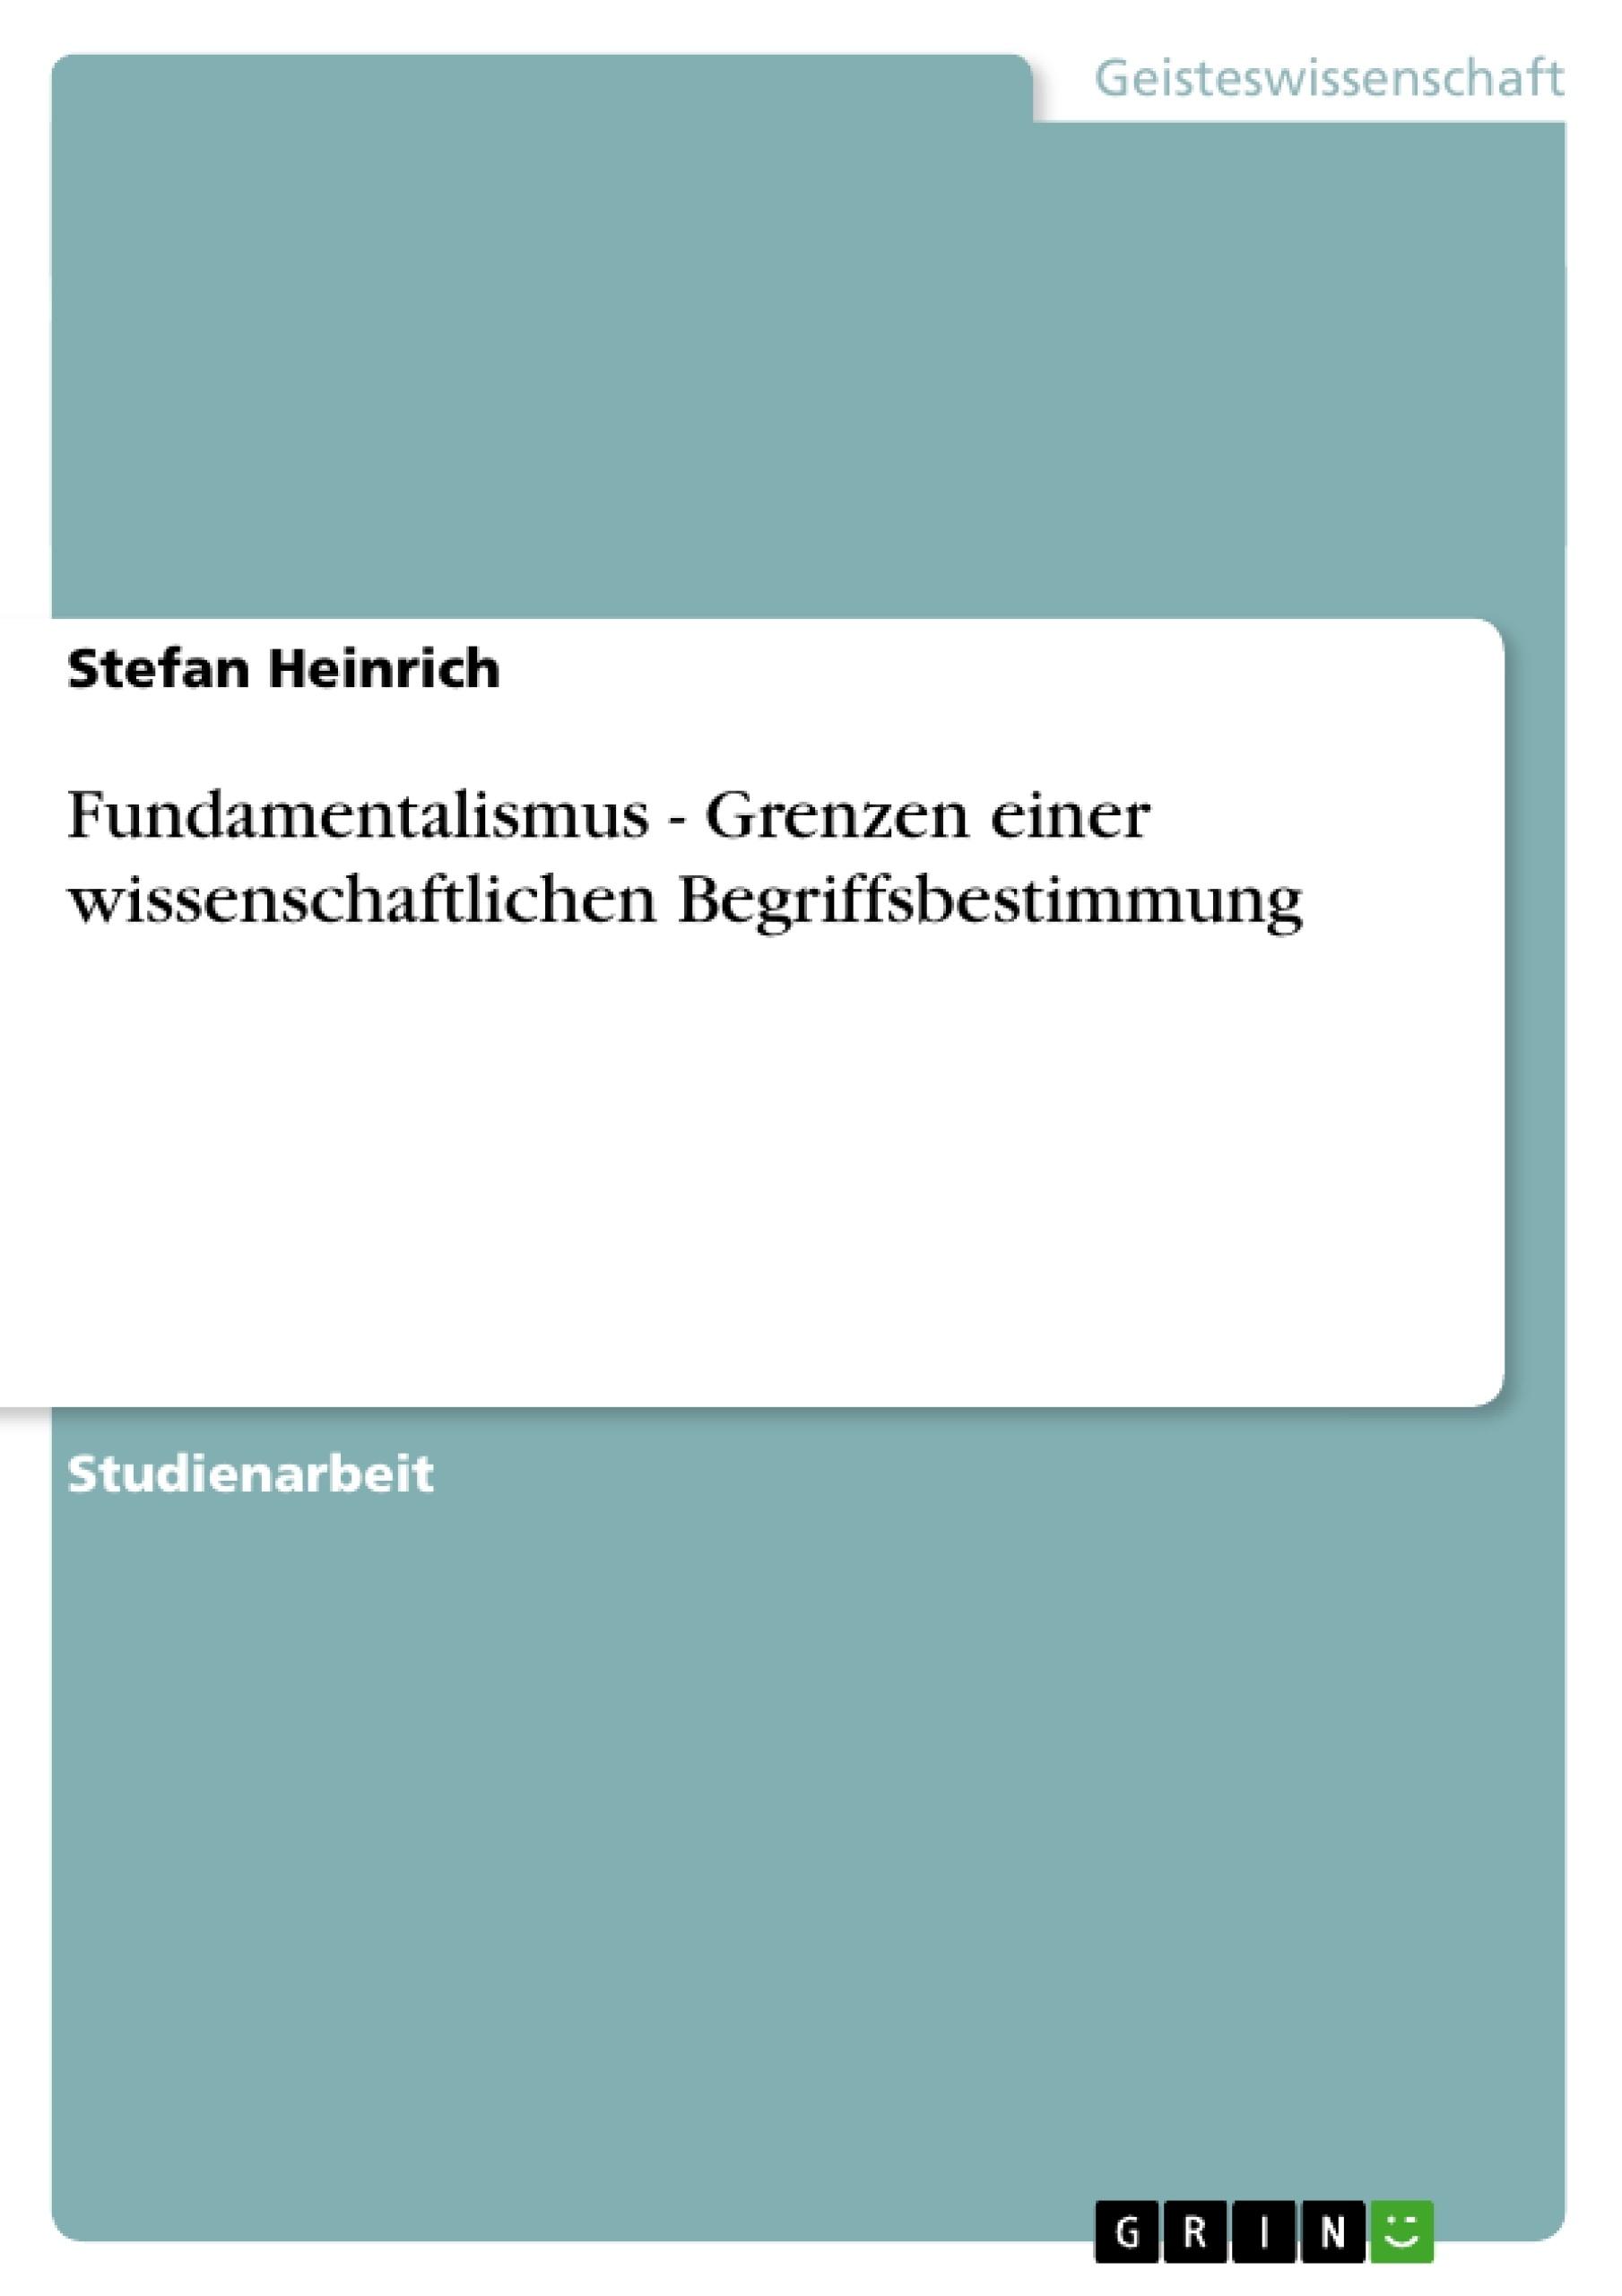 Titel: Fundamentalismus - Grenzen einer wissenschaftlichen Begriffsbestimmung